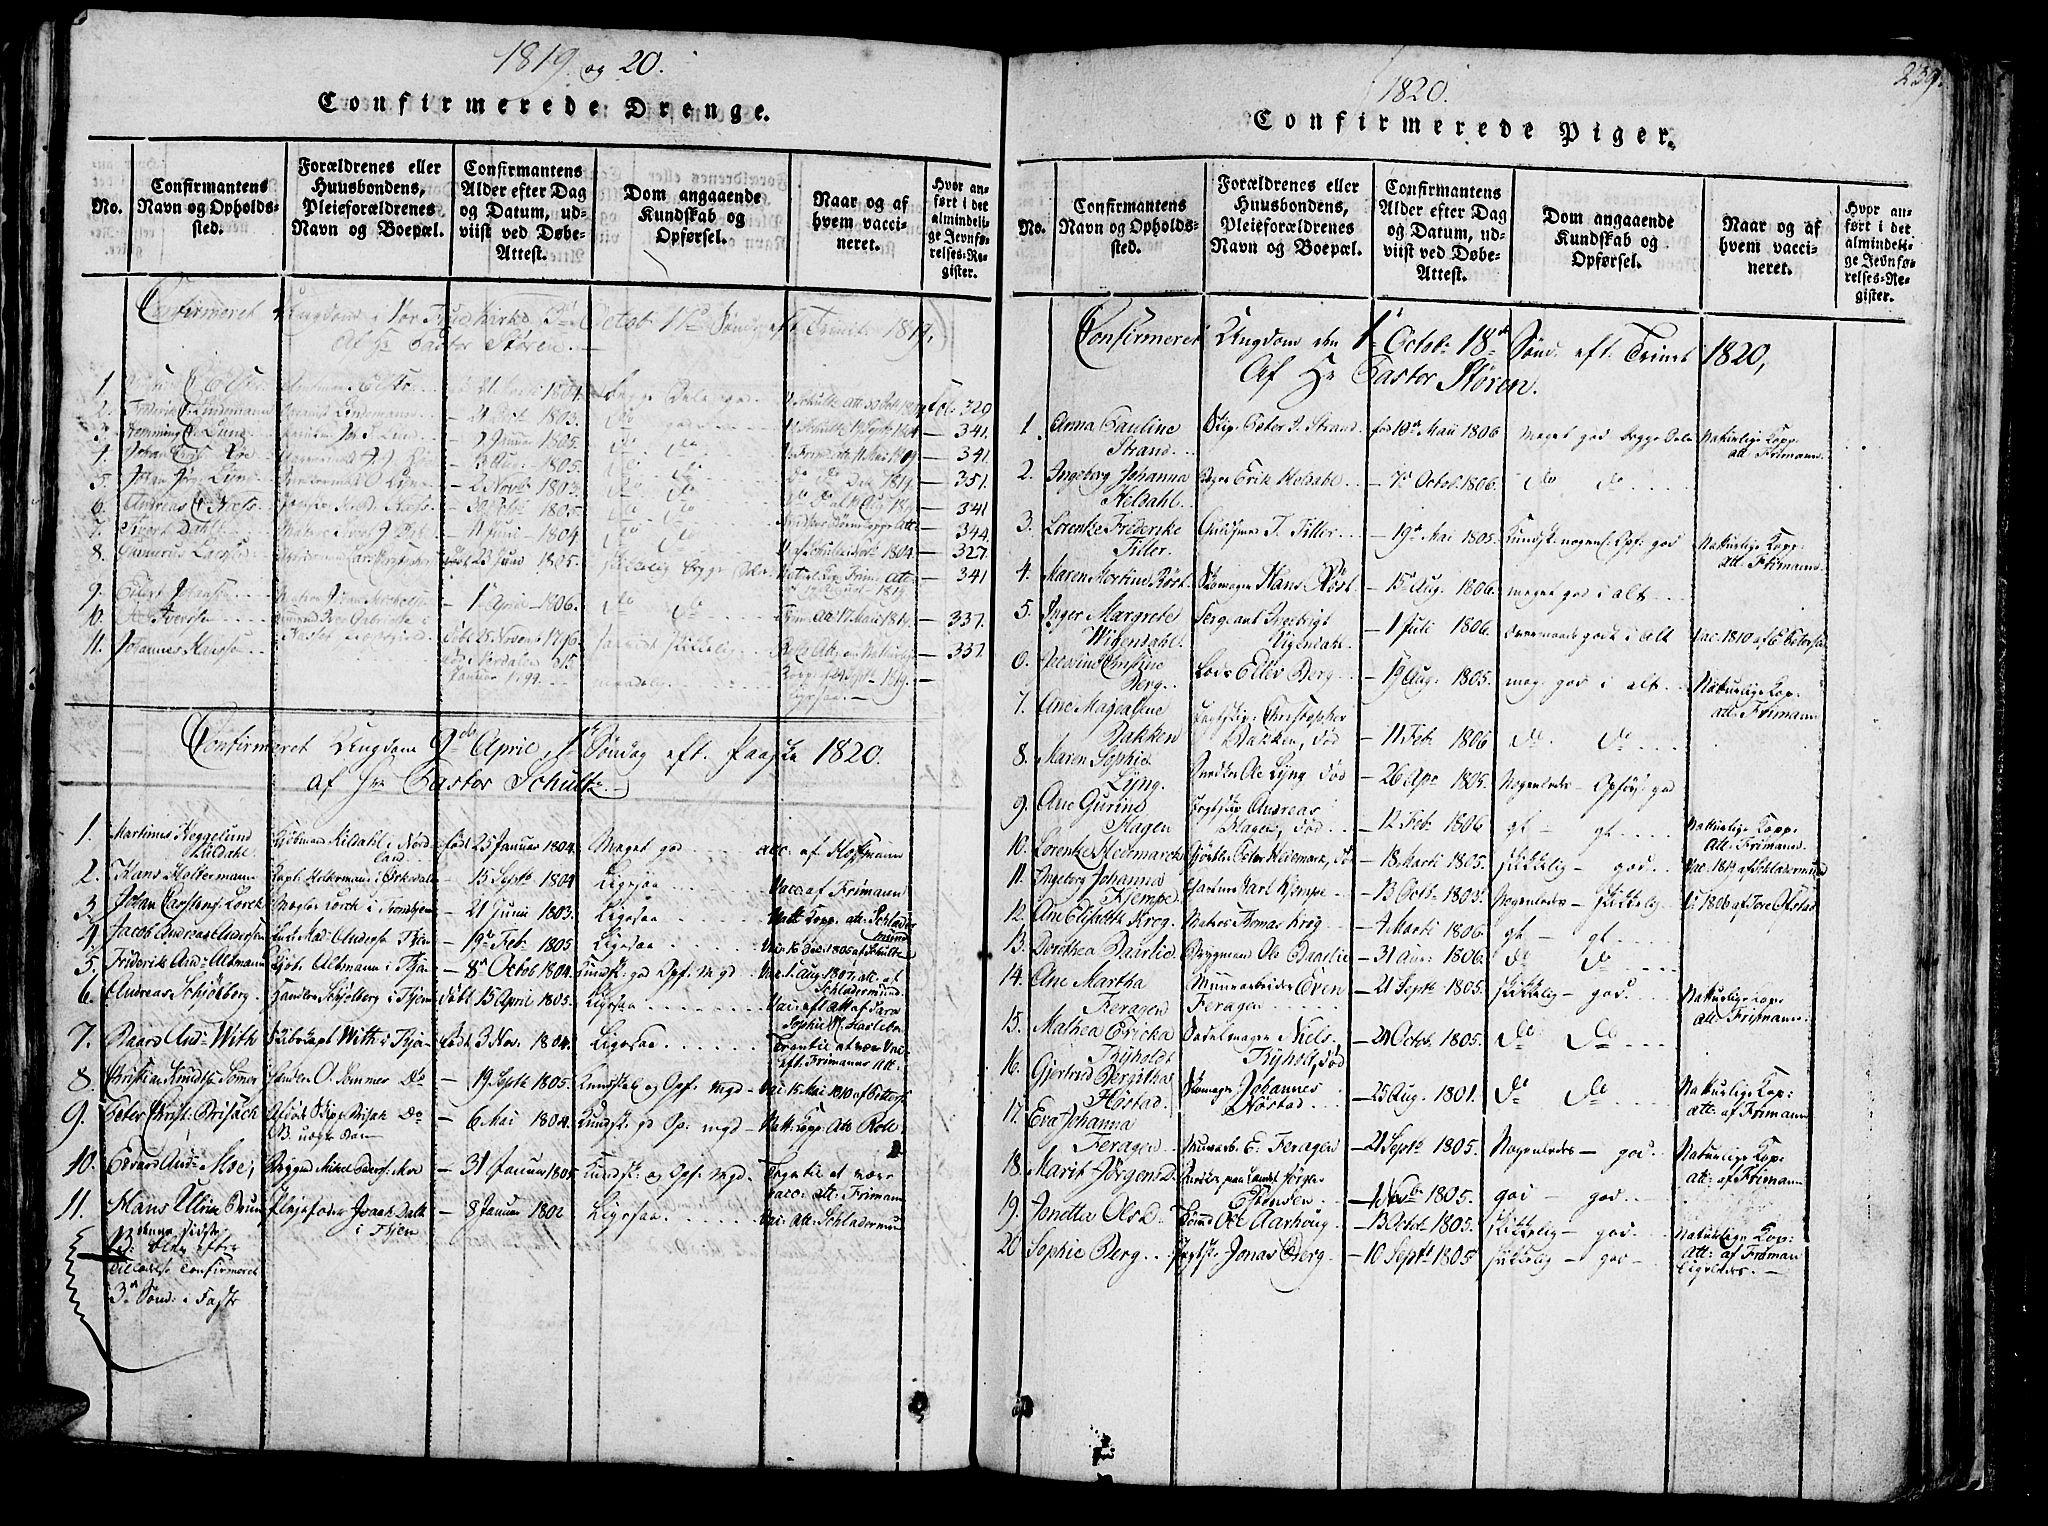 SAT, Ministerialprotokoller, klokkerbøker og fødselsregistre - Sør-Trøndelag, 602/L0135: Klokkerbok nr. 602C03, 1815-1832, s. 239